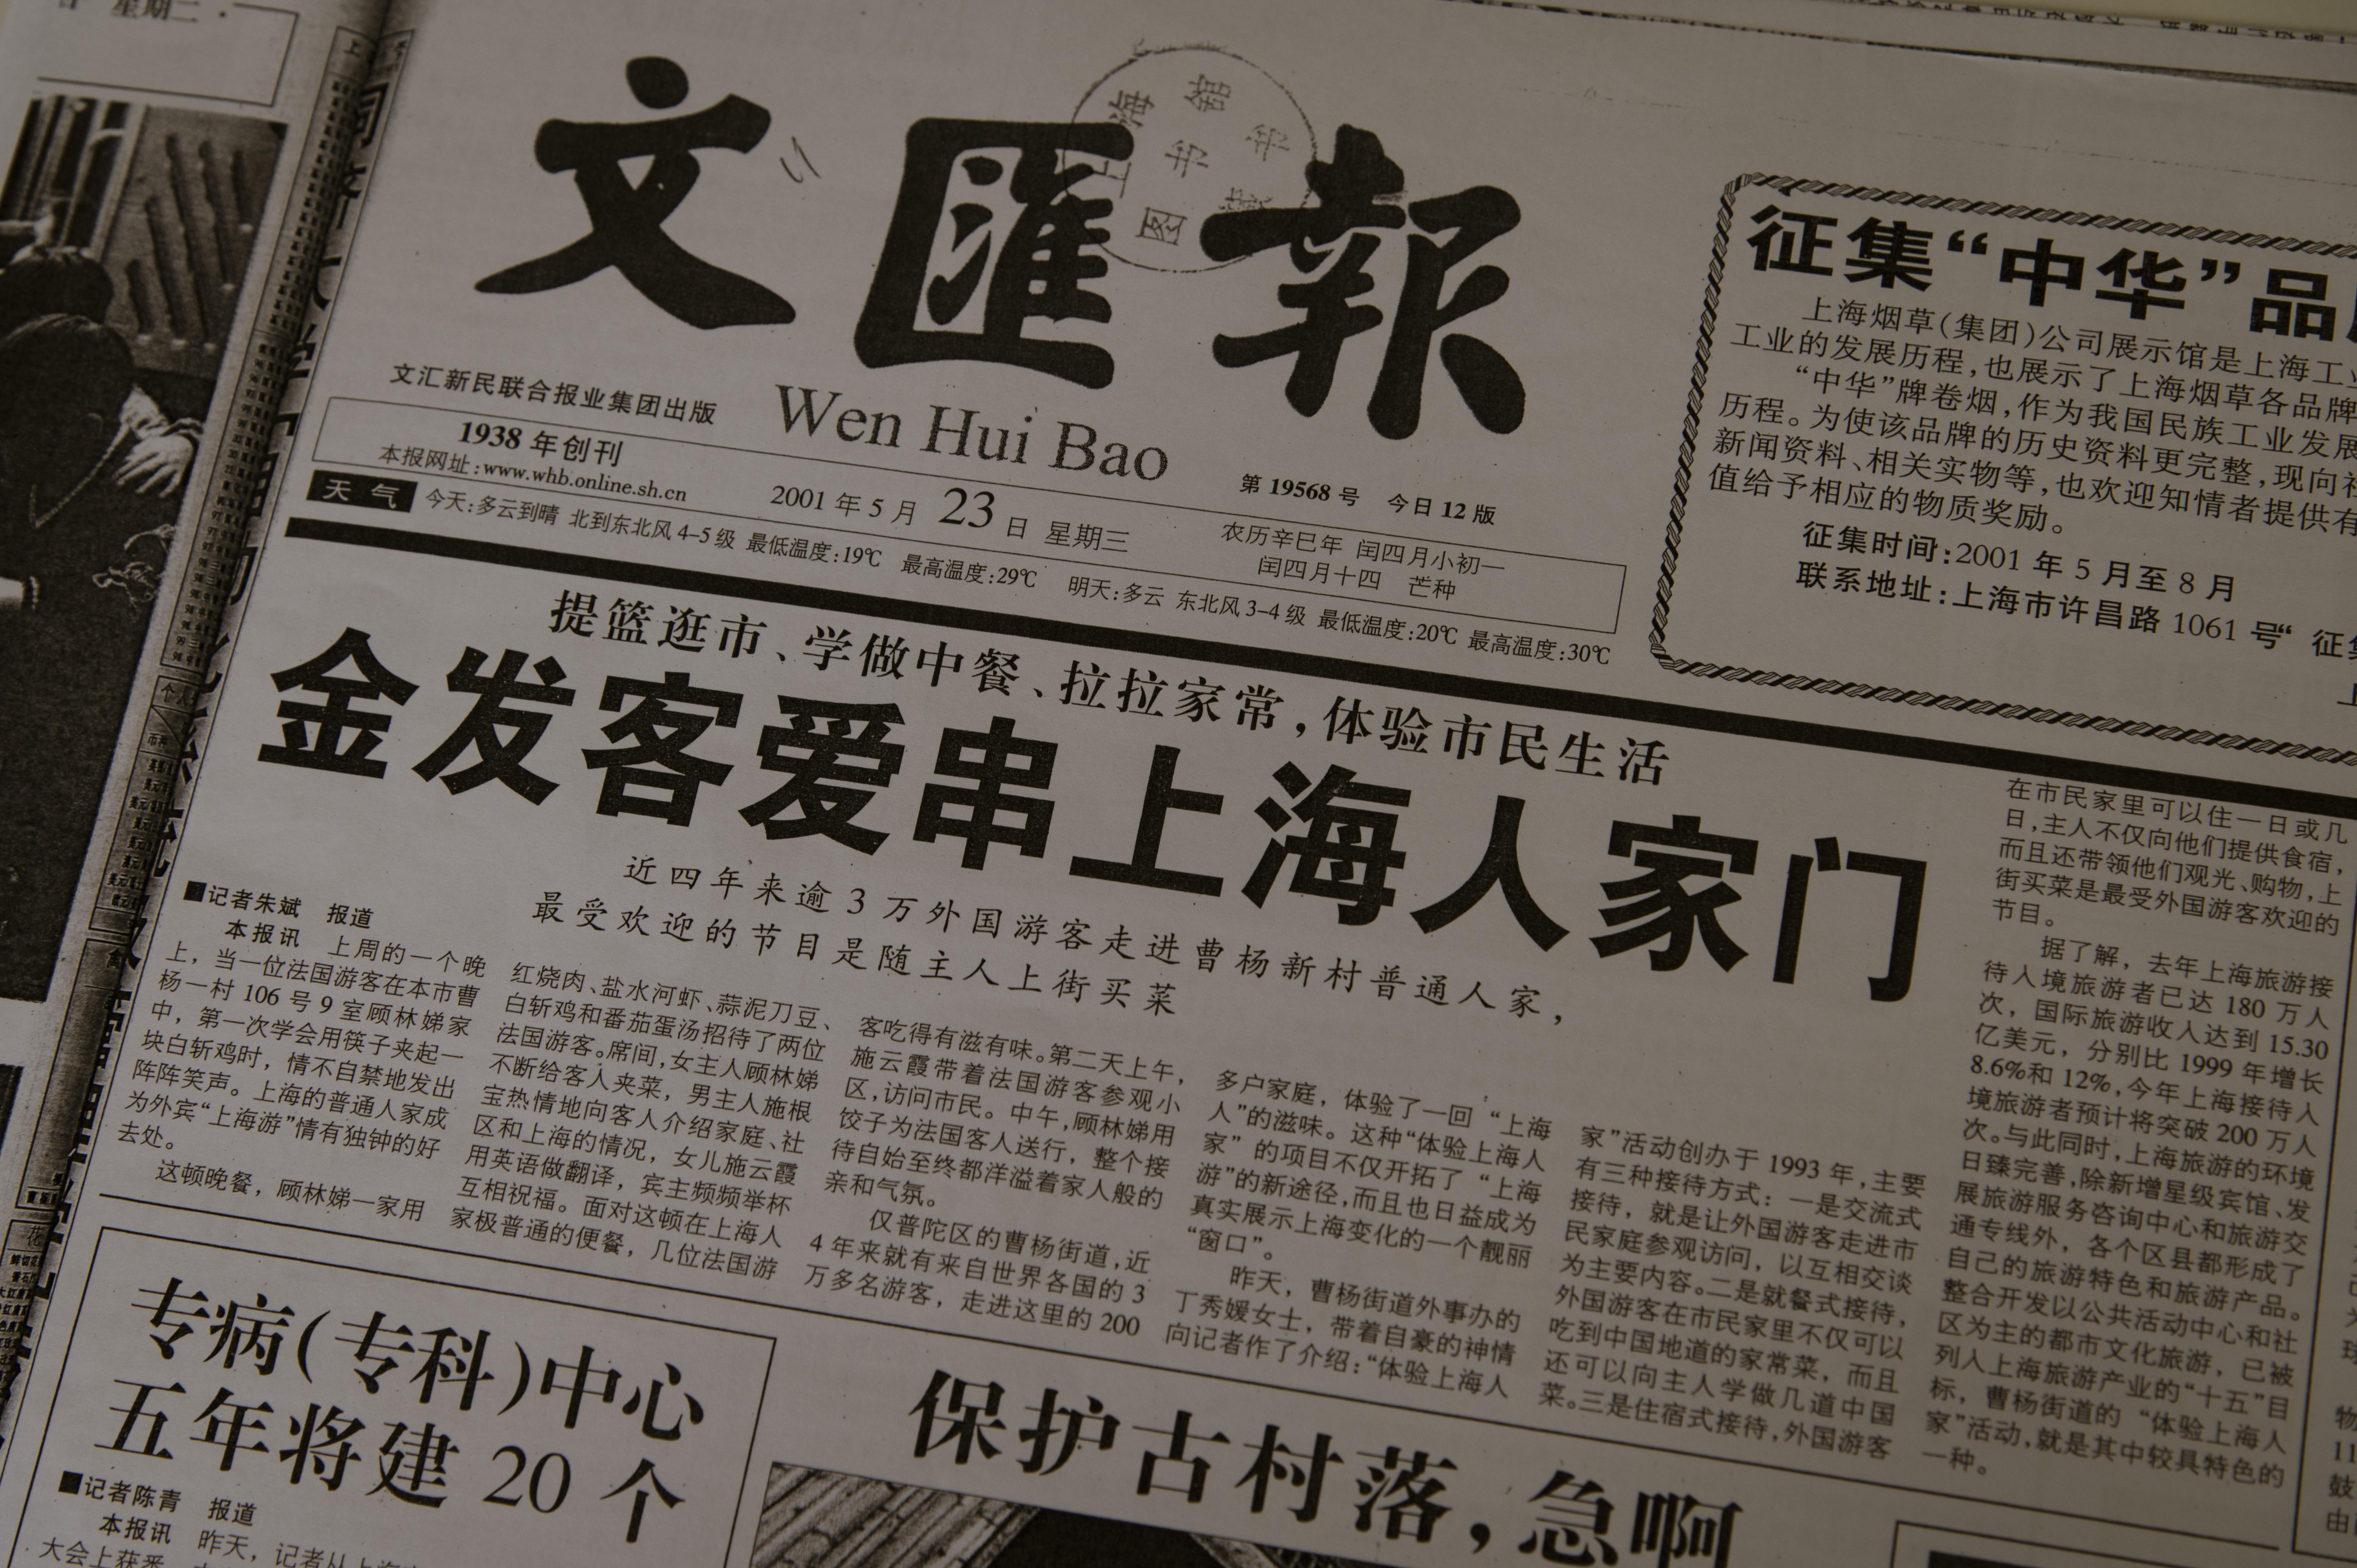 文汇报 2001年5月23日 头版 孟惠普 毕馨元(翻拍)